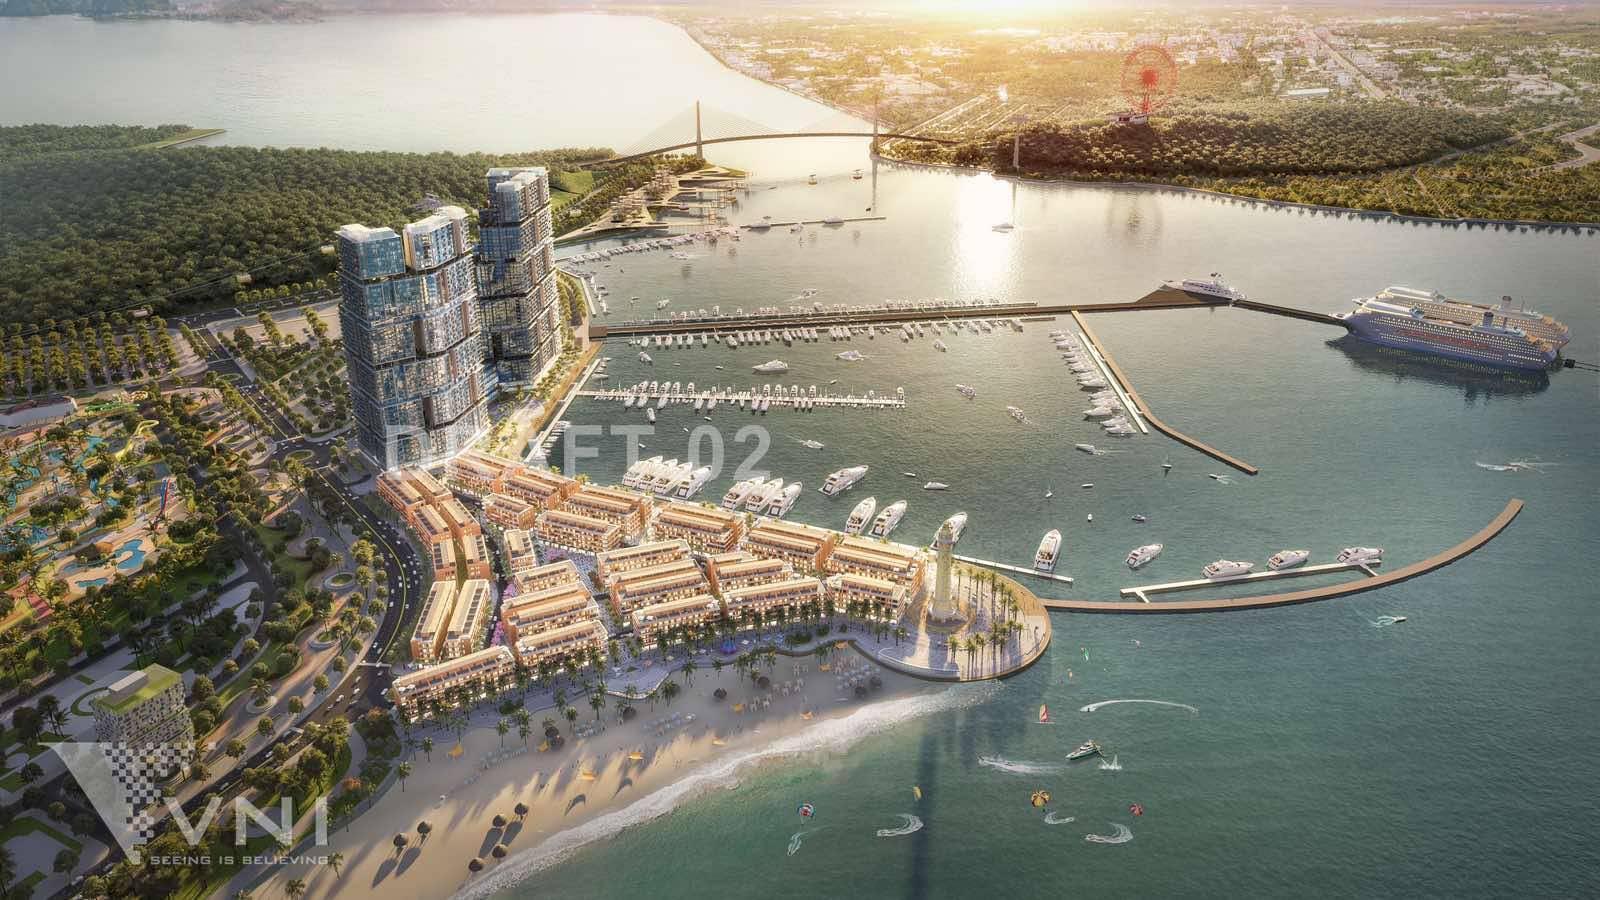 Giá trị bất động sản Sun Marina Town mang đến cho chủ đầu tư bao gồm cả giá trị gia tăng và giá trị sử dụng